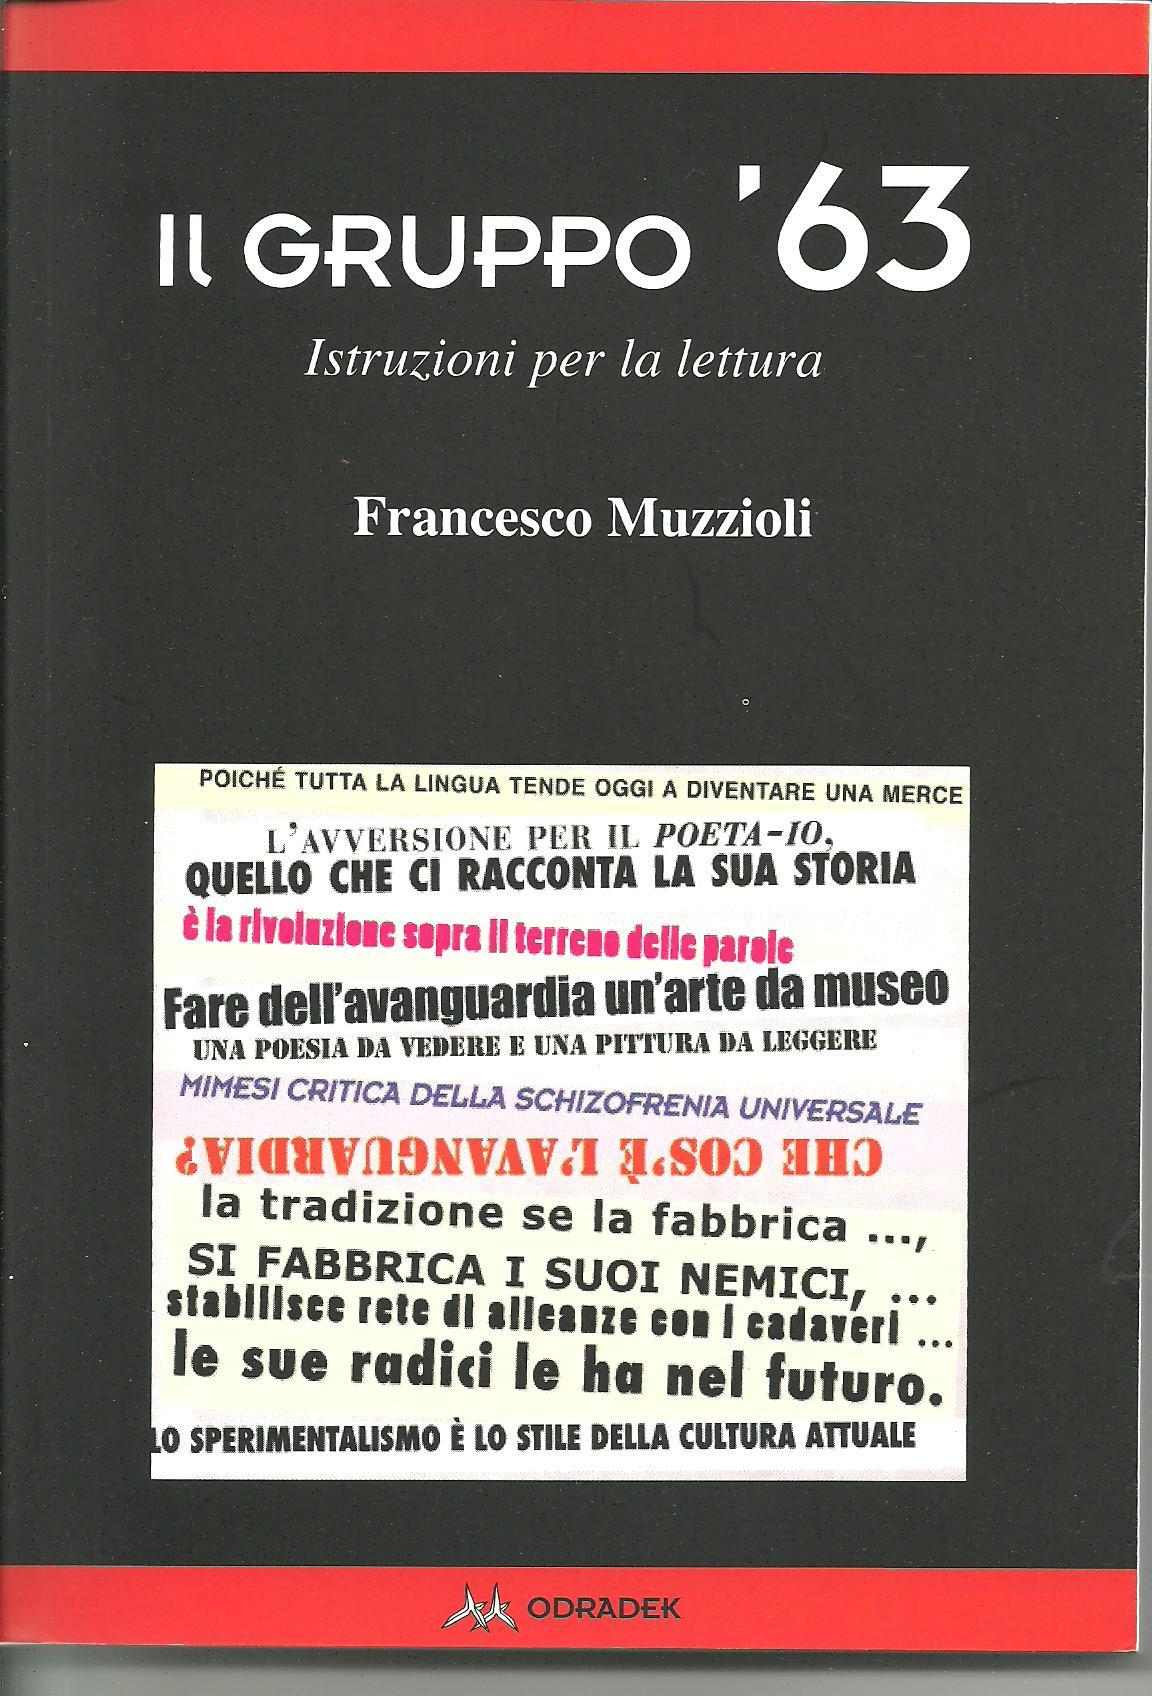 Muzzioli_il gruppo 63